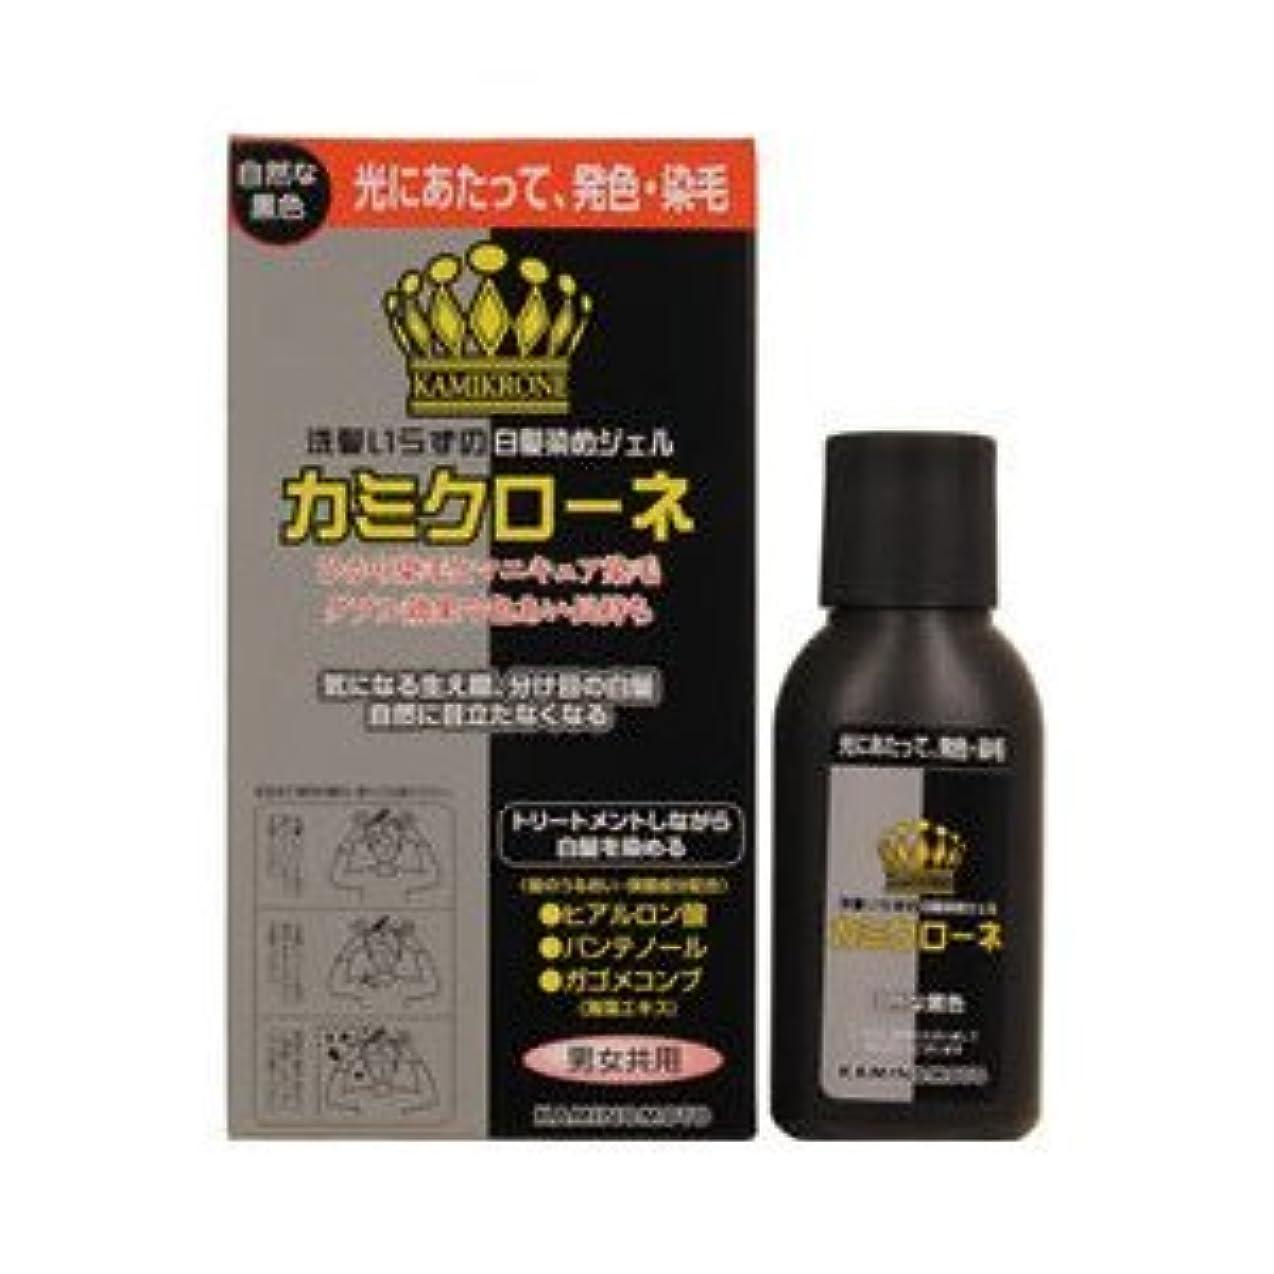 ハンカチヒロイン契約するカミクローネ ナチュラルブラック × 10個セット